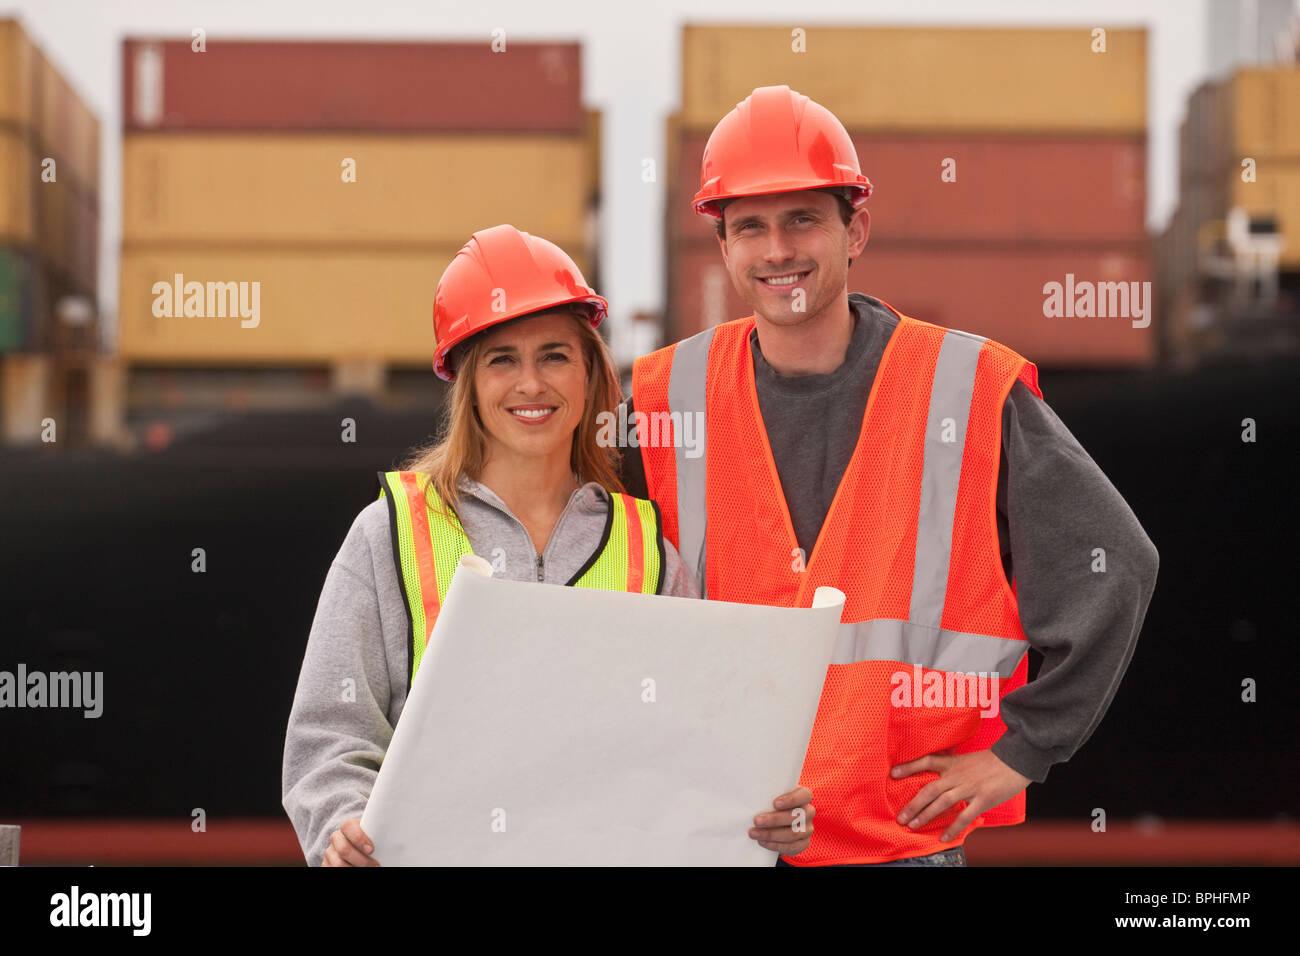 Les ingénieurs titulaires d'un plan directeur des transports Photo Stock